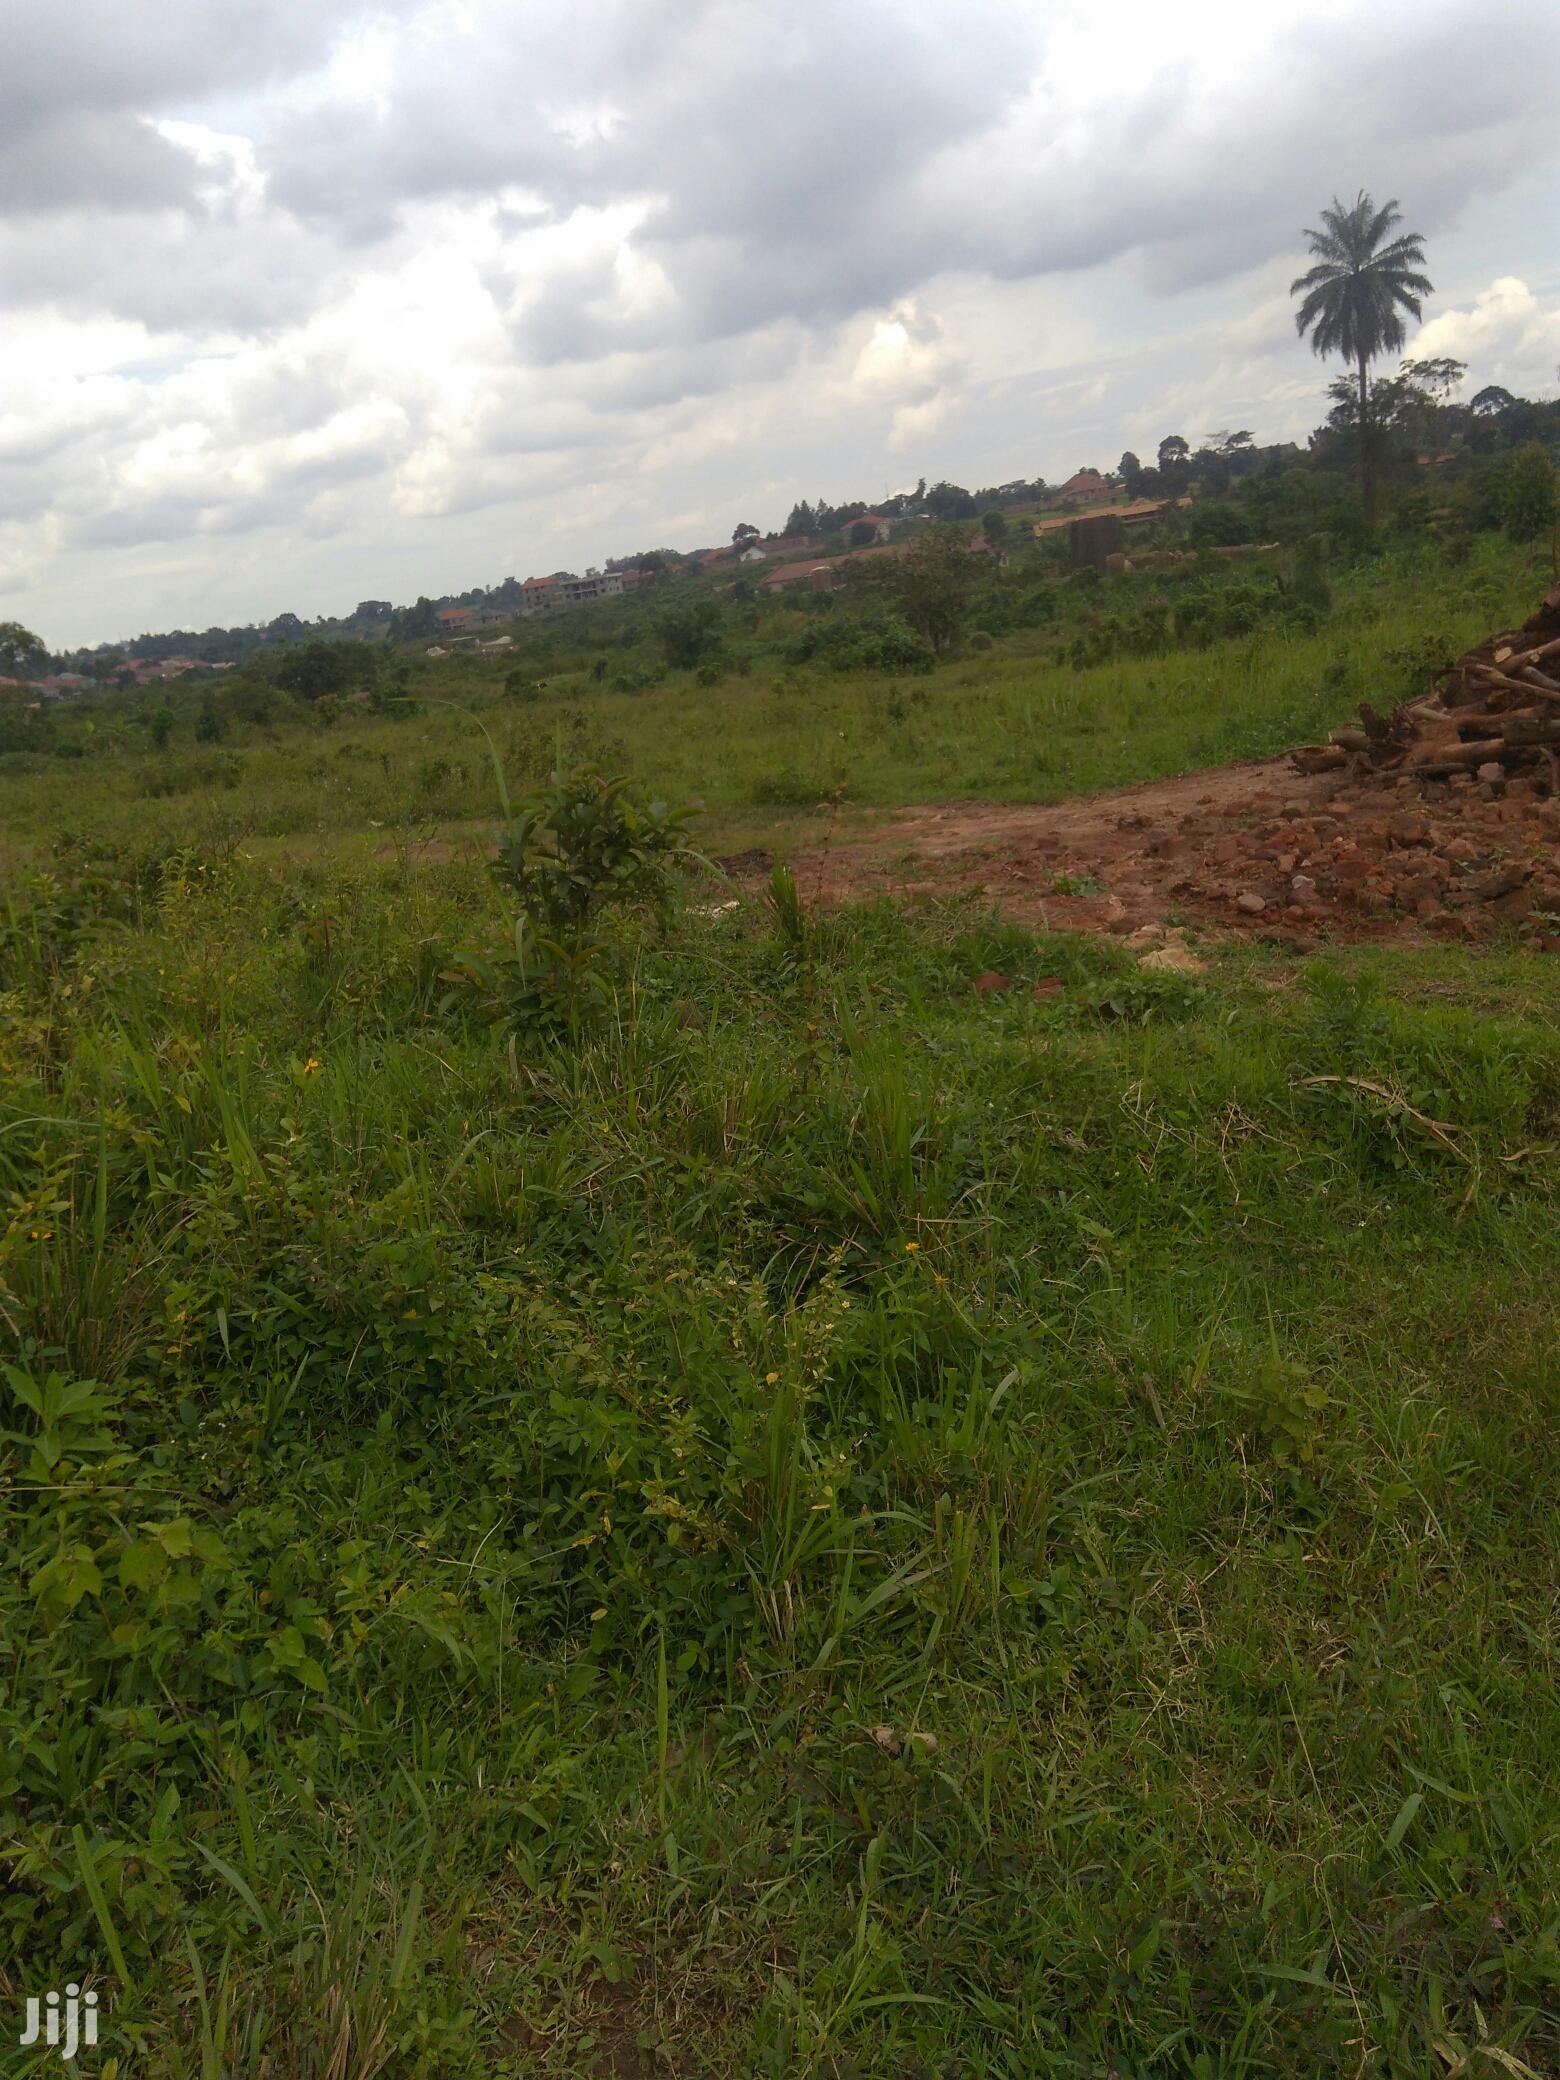 1 Acre Land In Gayaza Namavundu For Sale   Land & Plots For Sale for sale in Wakiso, Central Region, Uganda